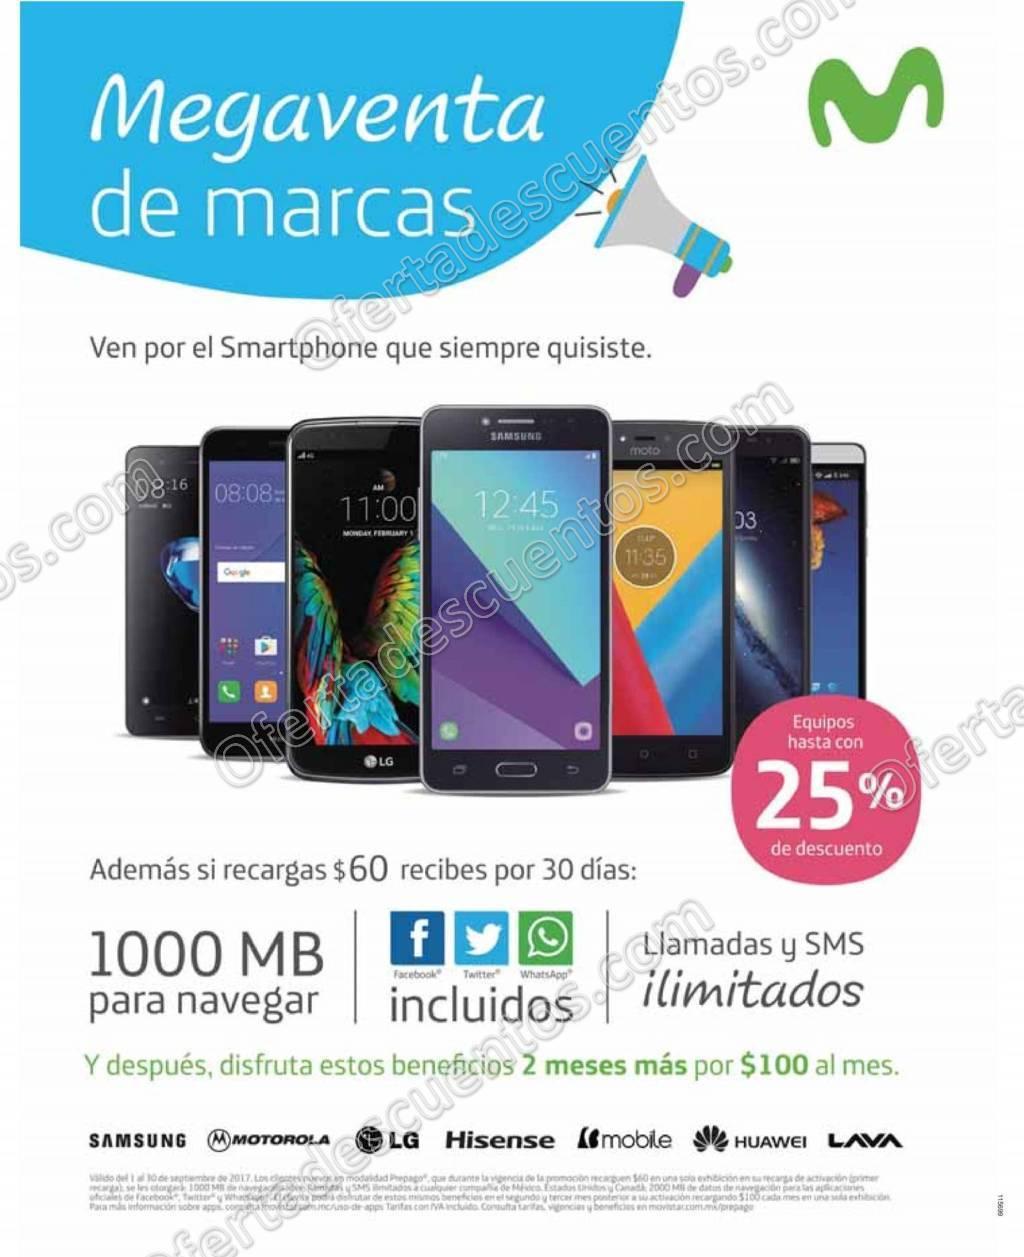 Movistar: Mega Venta de Marcas Hasta 25% de descuento en celulares al 30 de Septiembre